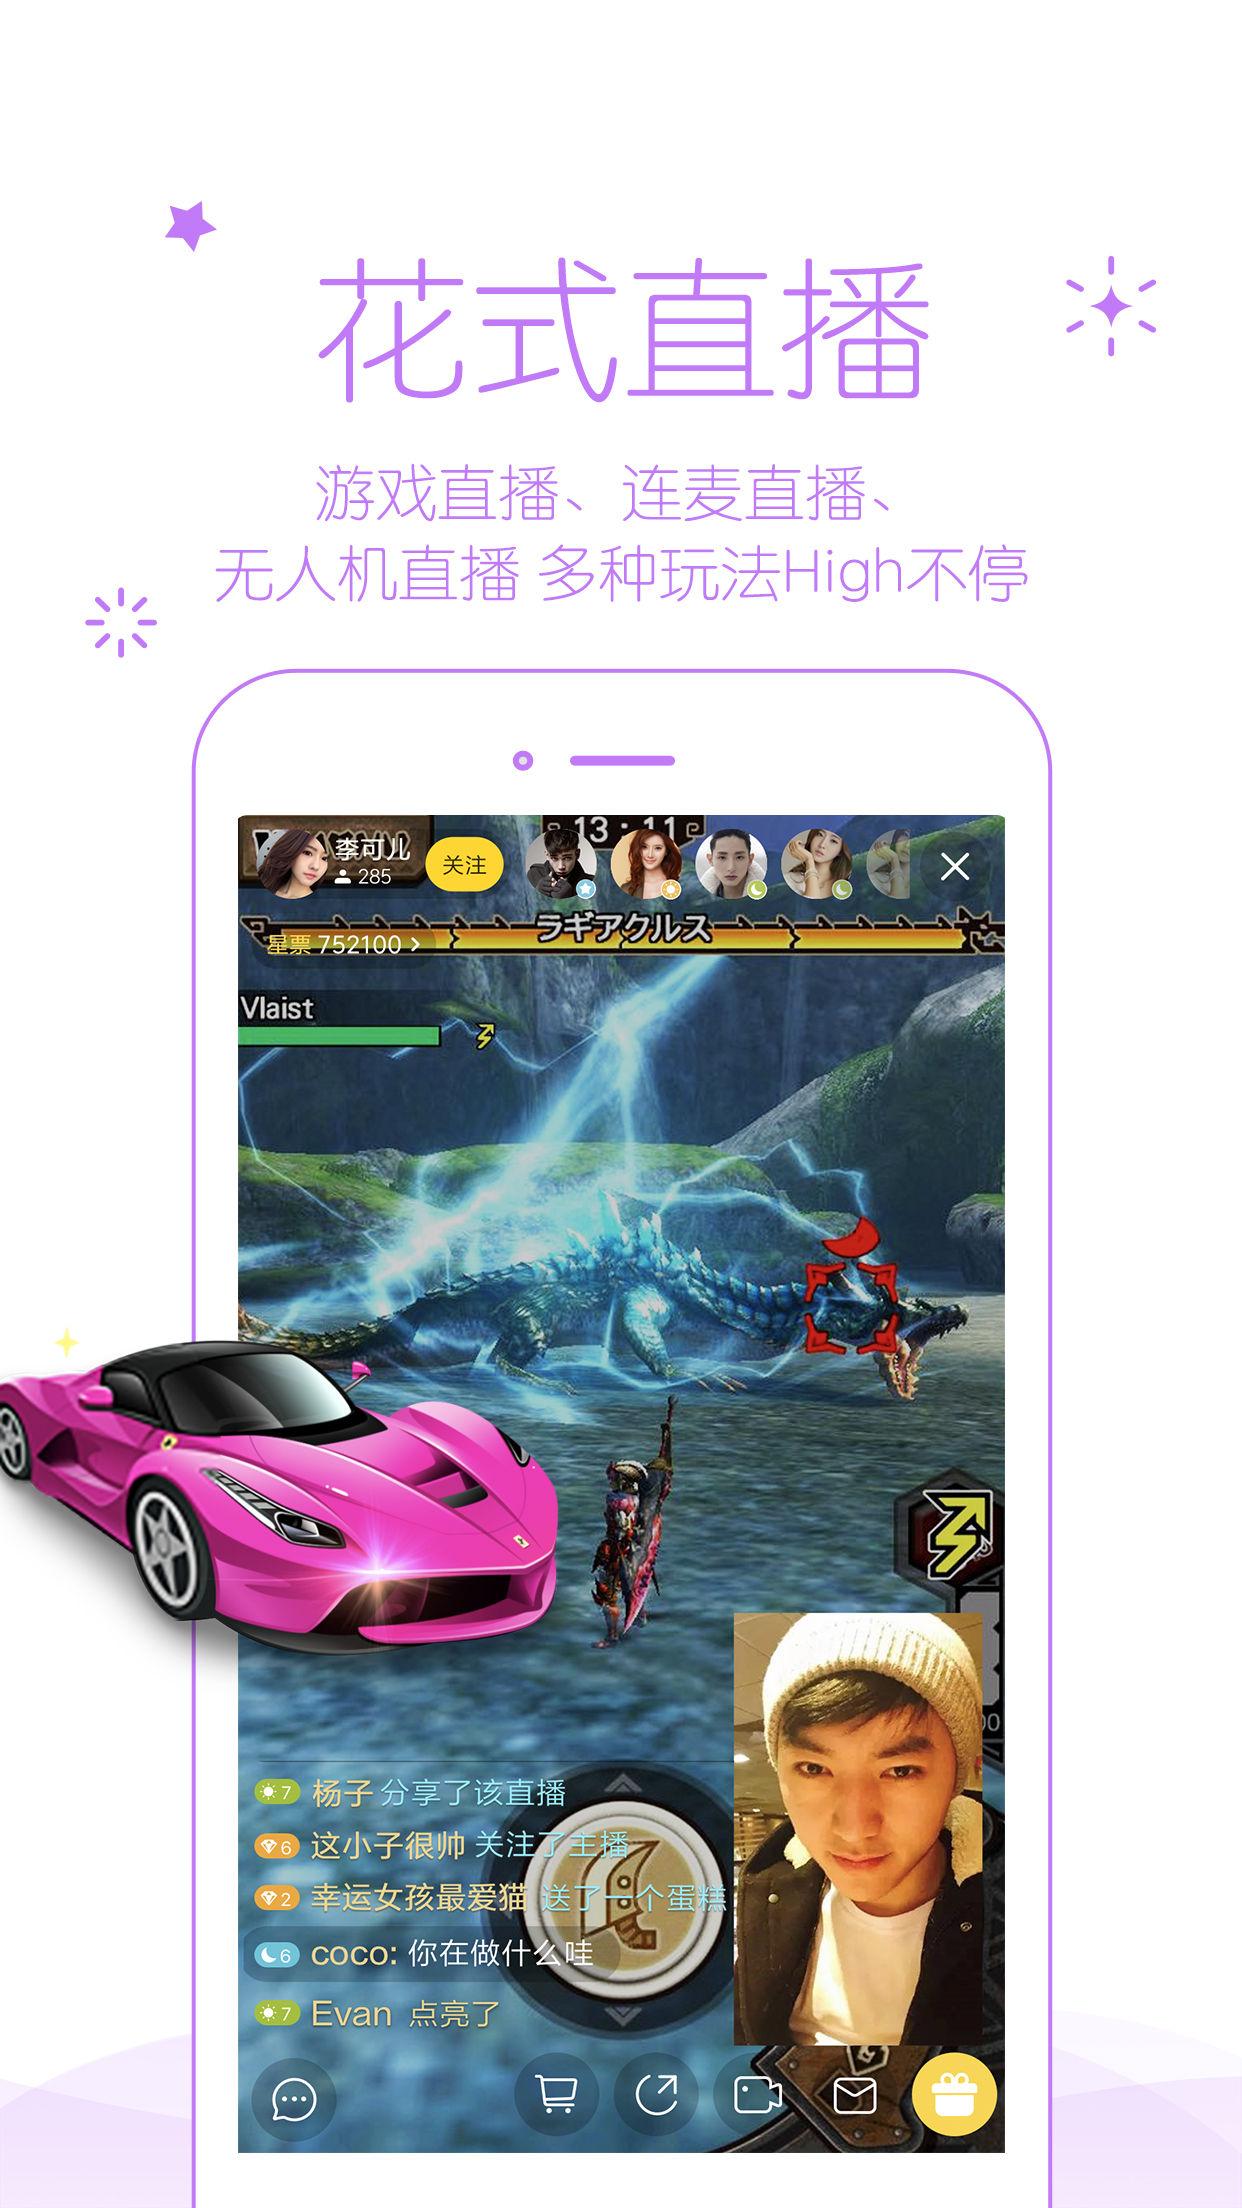 小米有乐 V4.30.19 安卓版截图3